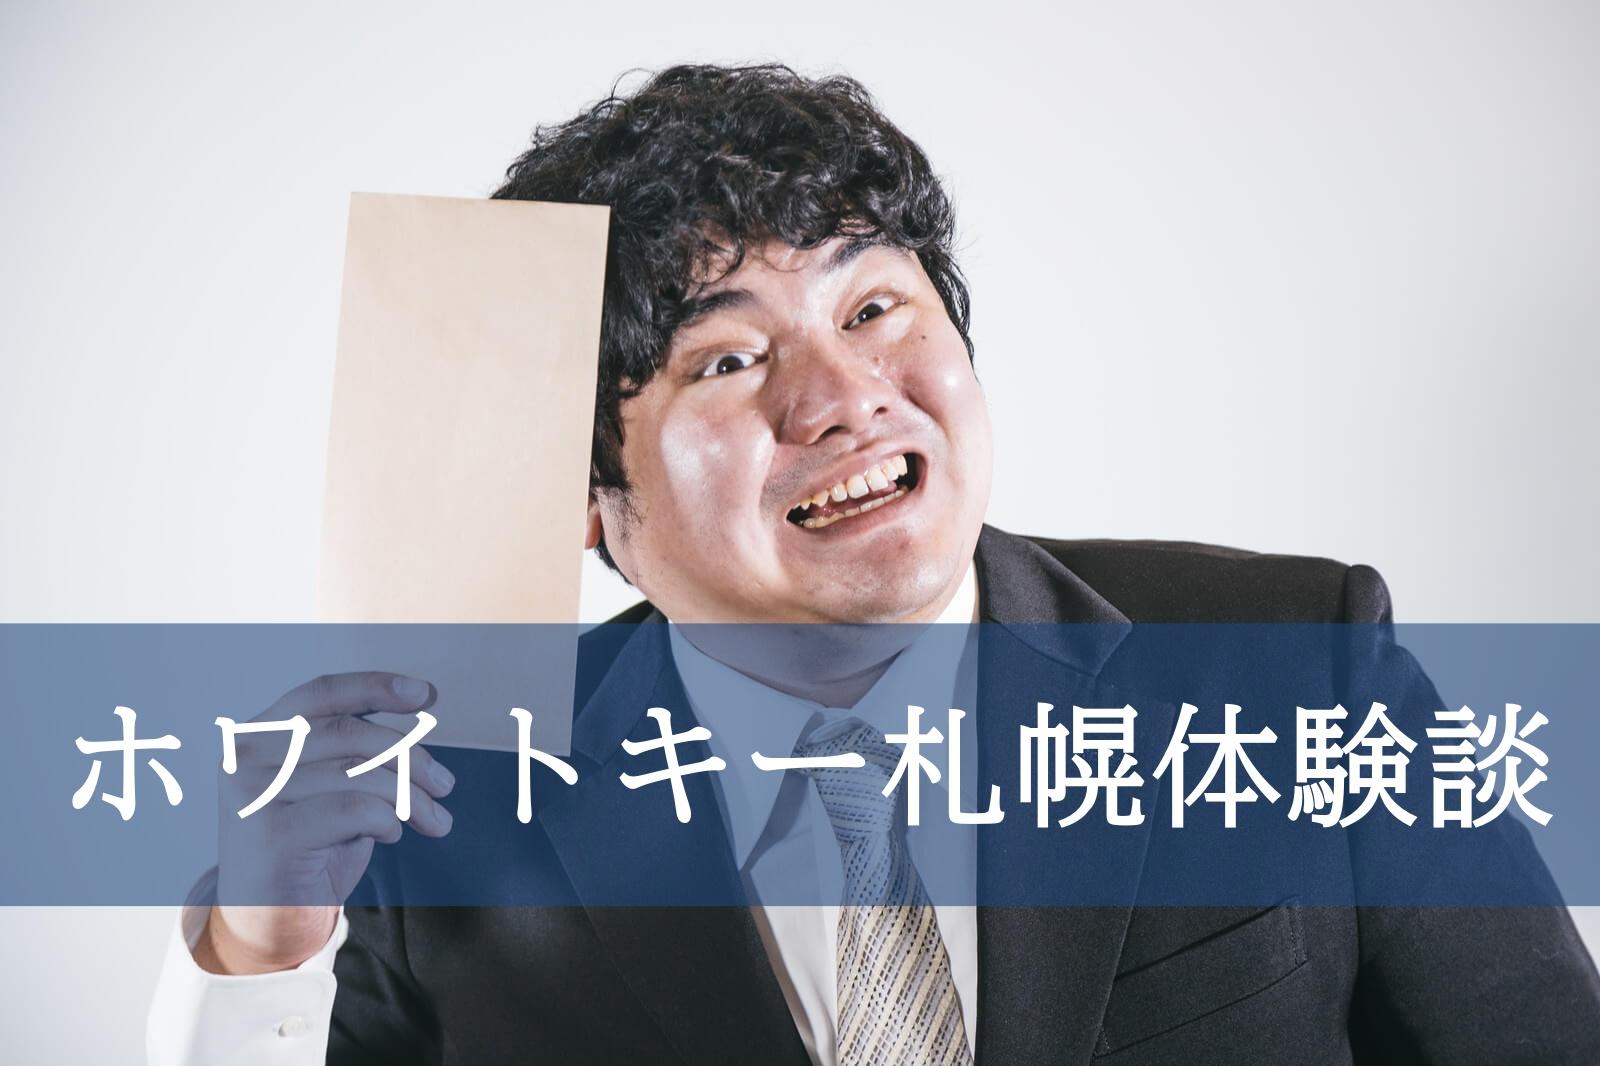 ホワイトキー札幌にモテない後輩が行った体験談!男性必読です。